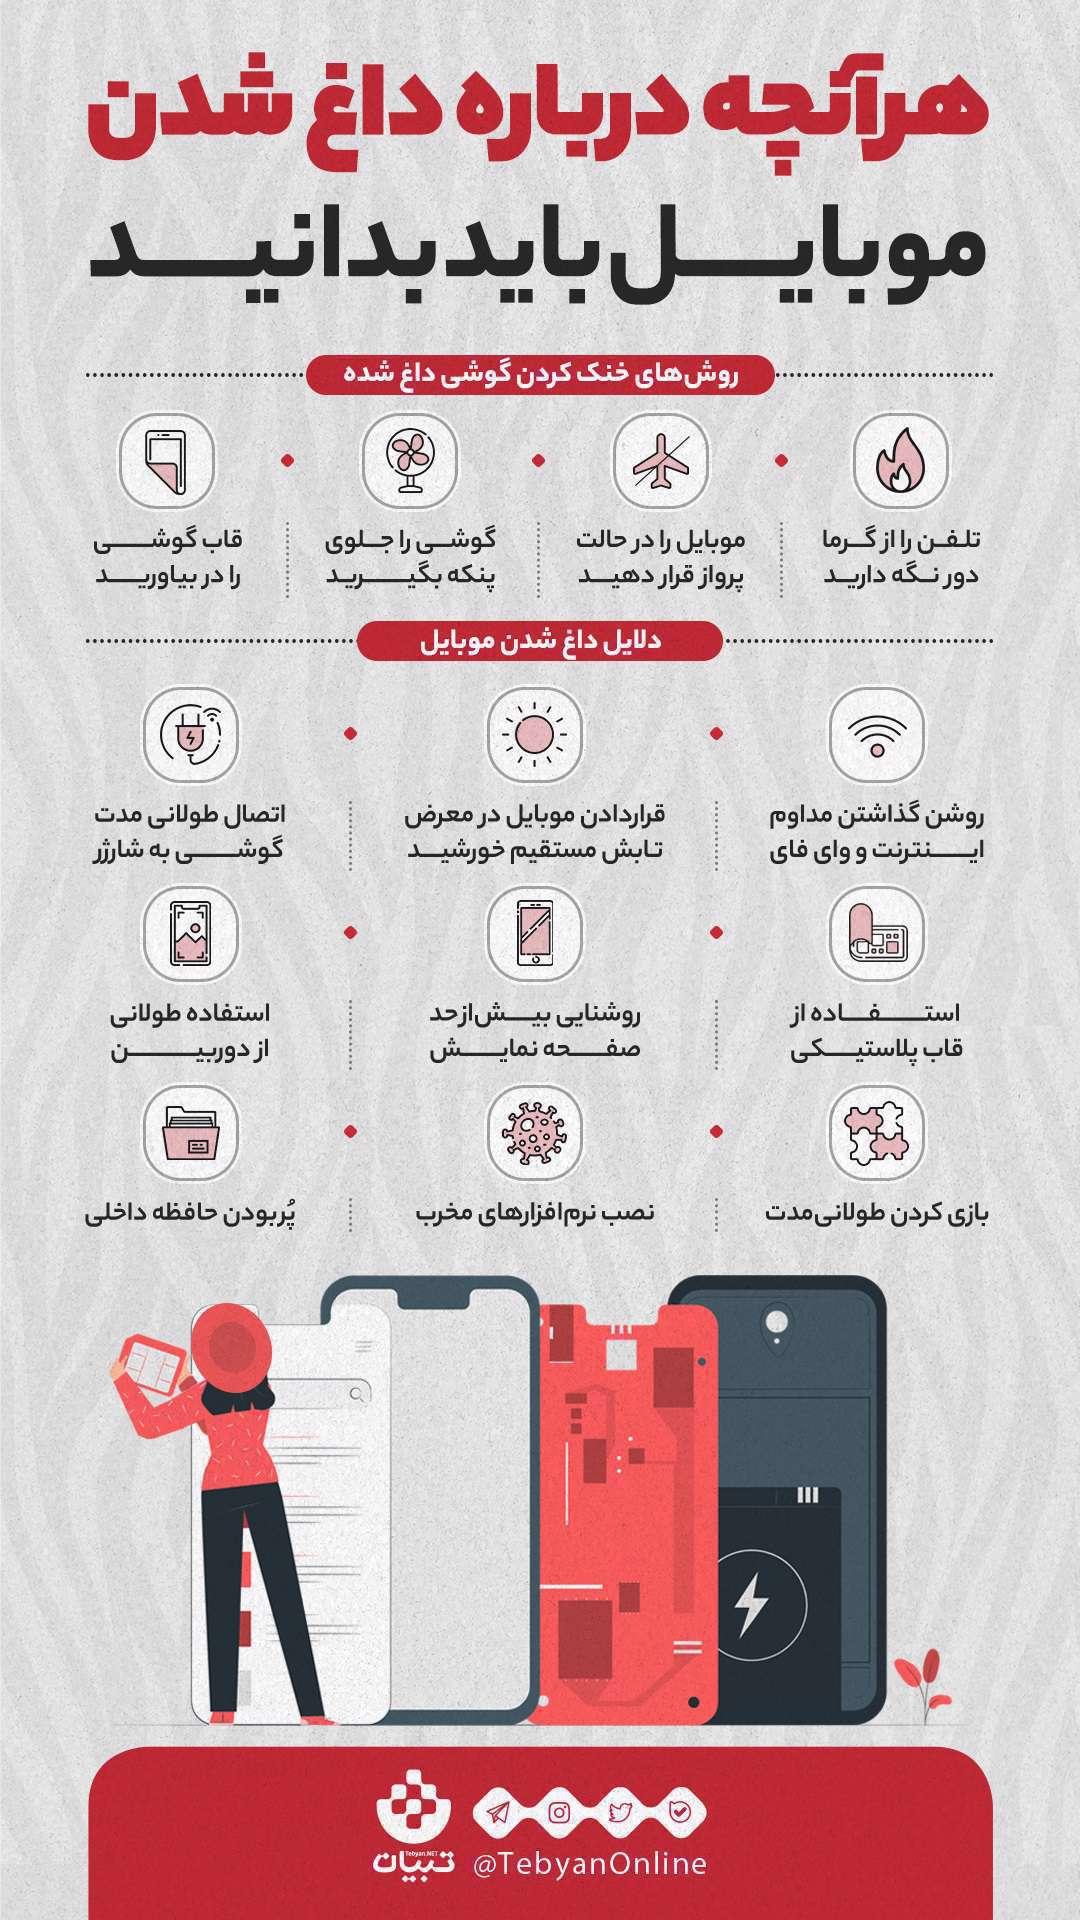 داغ شدن موبایل، خنک کردن گوشی داغ شده، اینترنت، نصب نرم افزارهای مخرب، شارژ طولانی گوشی،